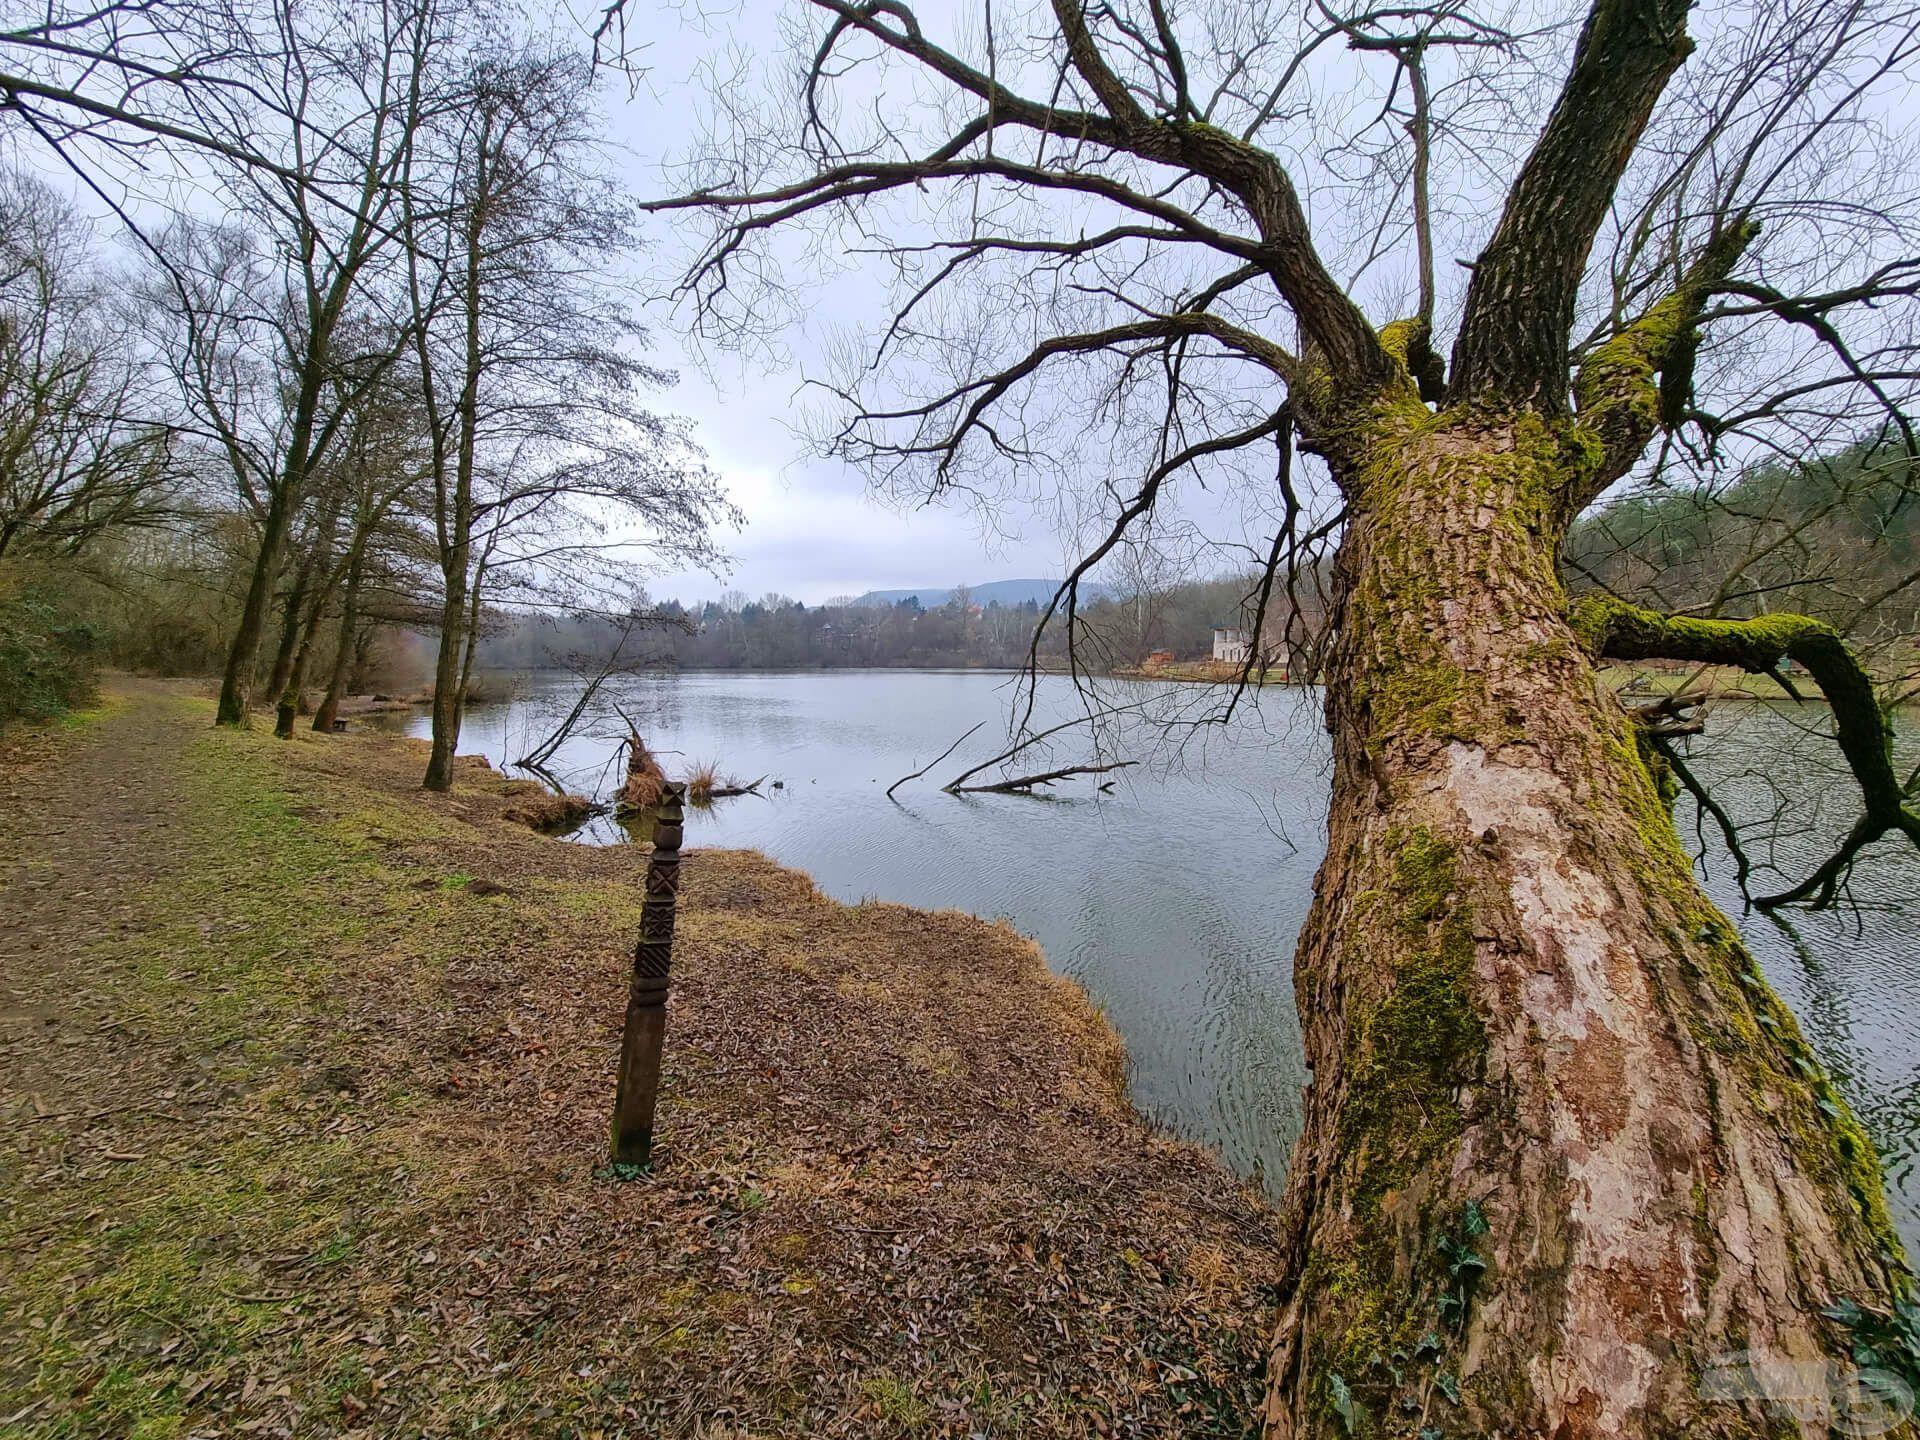 A Kerek-tó partján sokféle horgászhely közül választhatunk, de vajon hideg vízben merre lehetnek a halak?